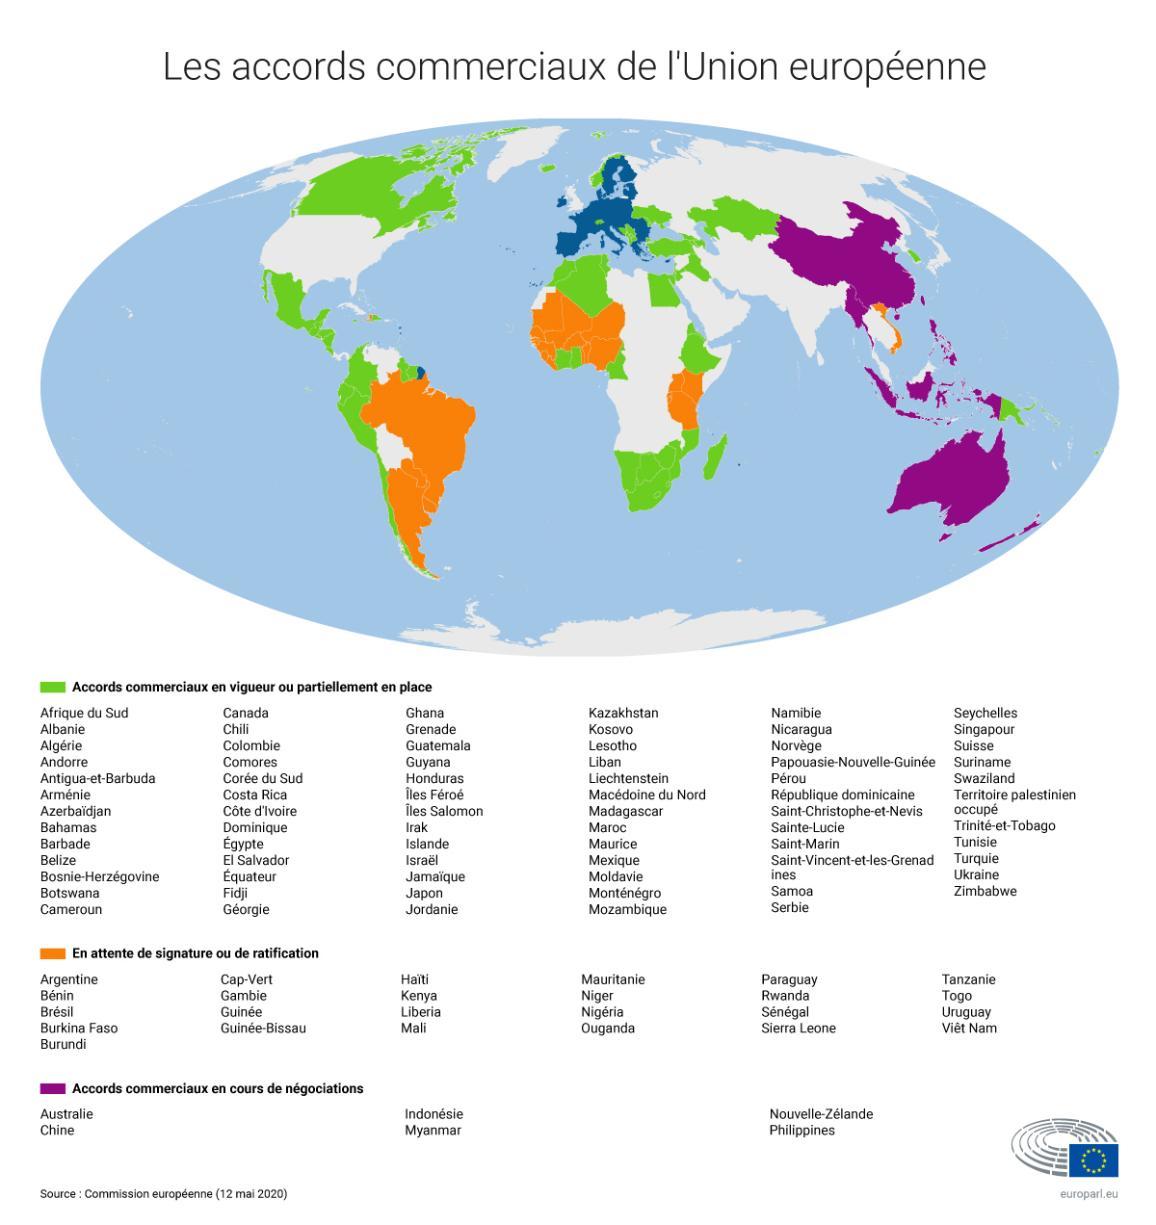 Carte montrant les accords commerciaux de l'UE